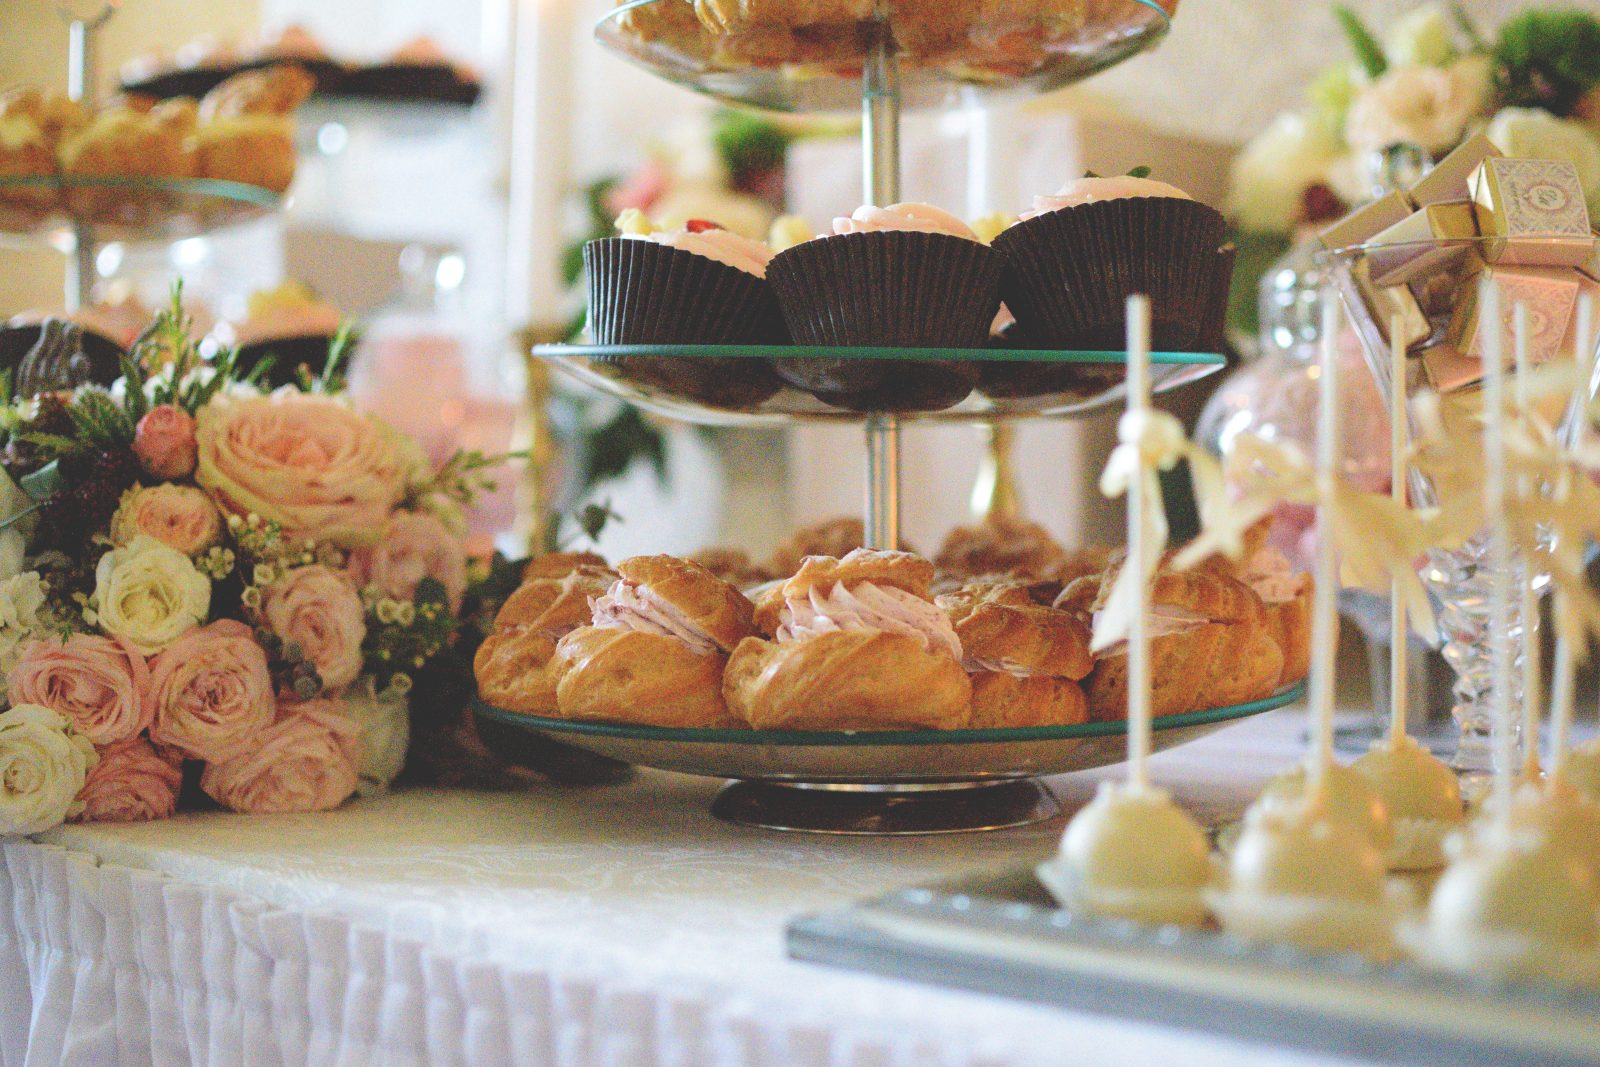 Cuisine : La première édition du grand Salon de la Pâtisserie arrive à Paris ce printemps